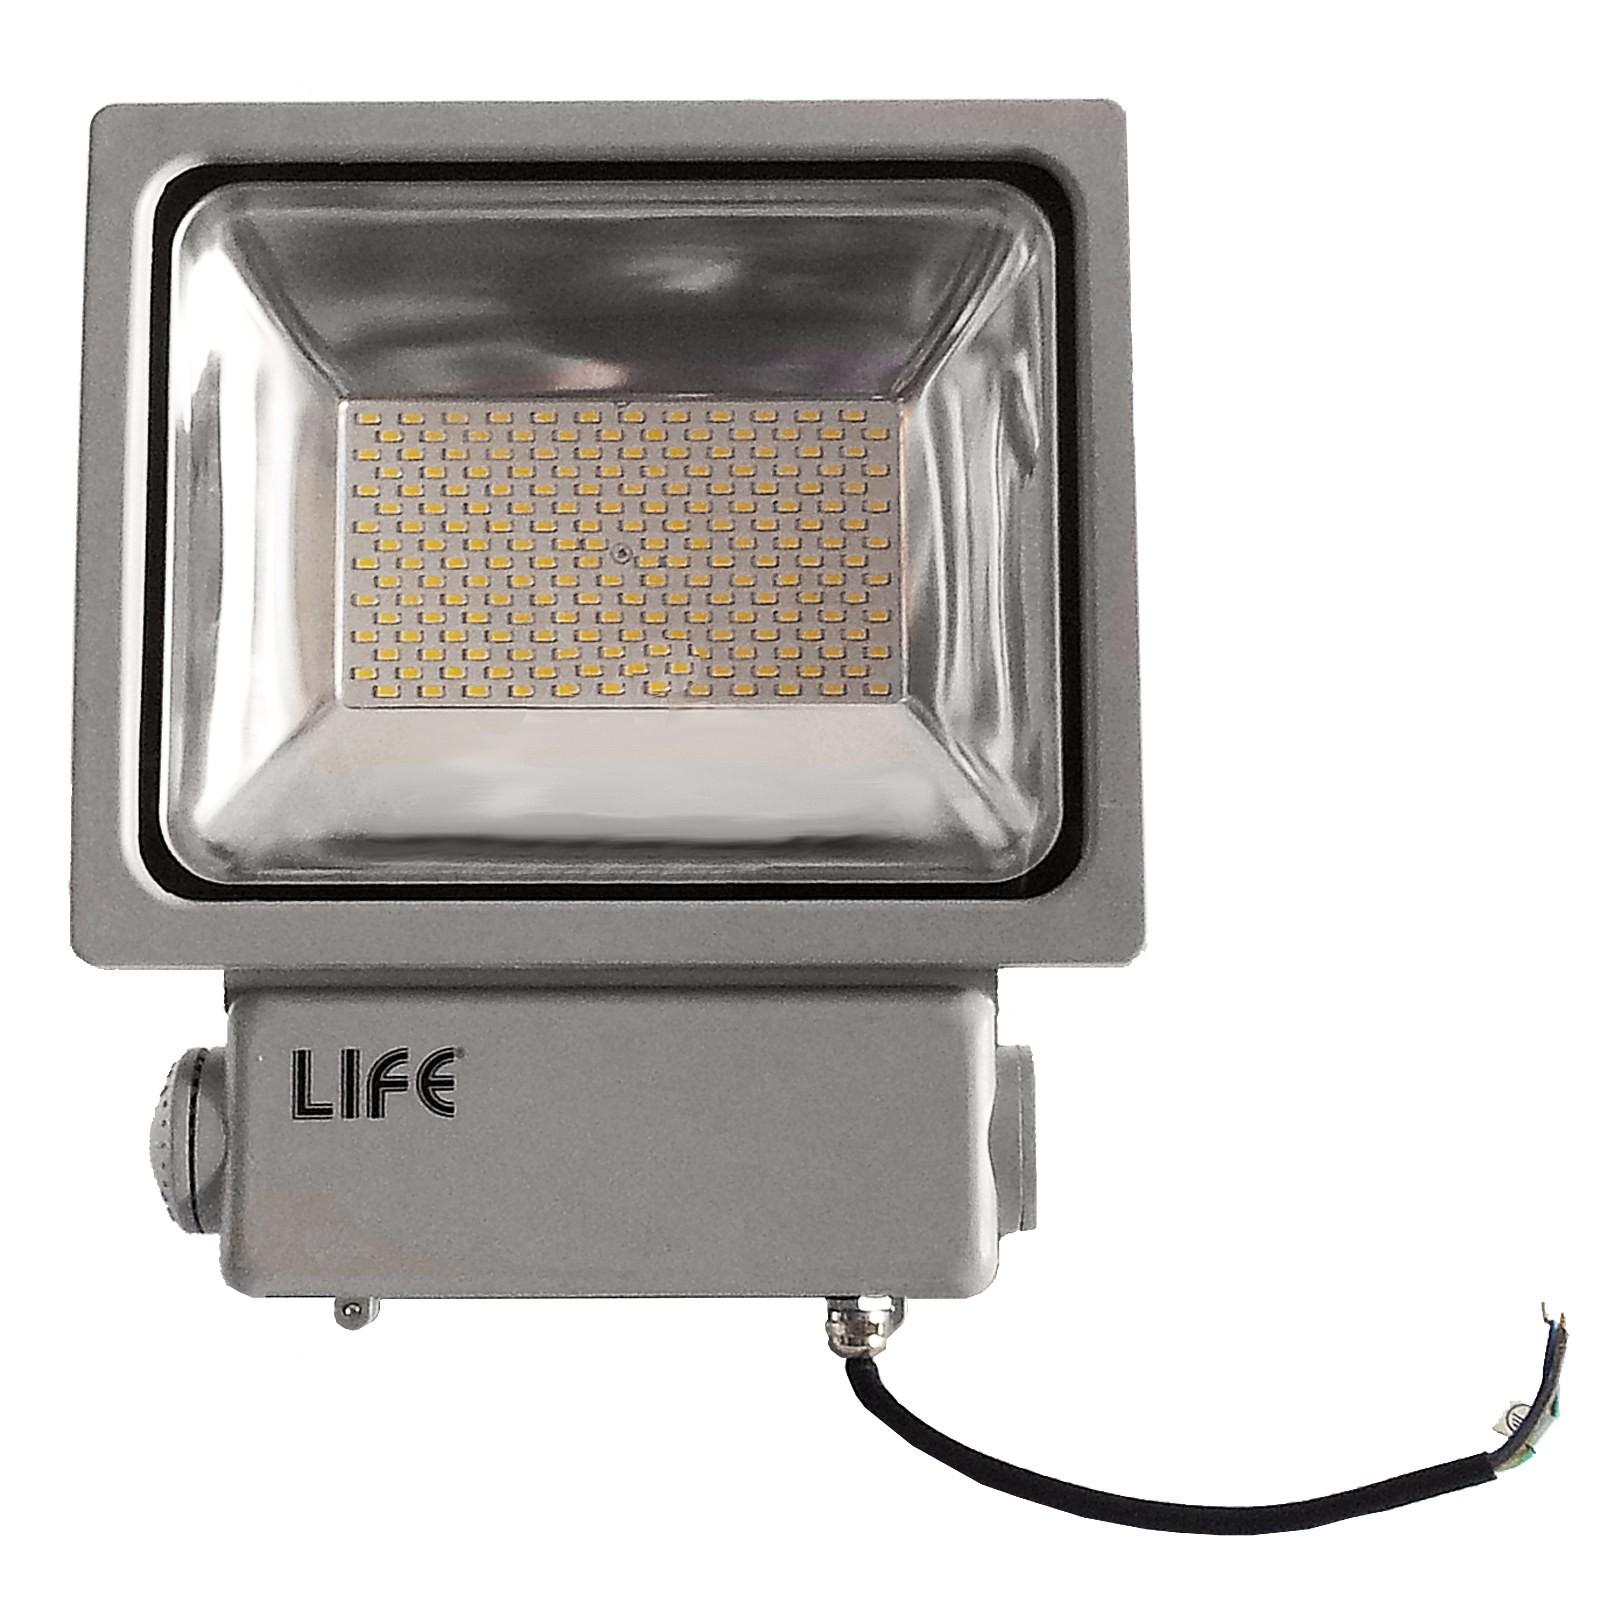 Faretto faro led gh1 100 watt 8750 lumen per esterno luce for Luce bianca led